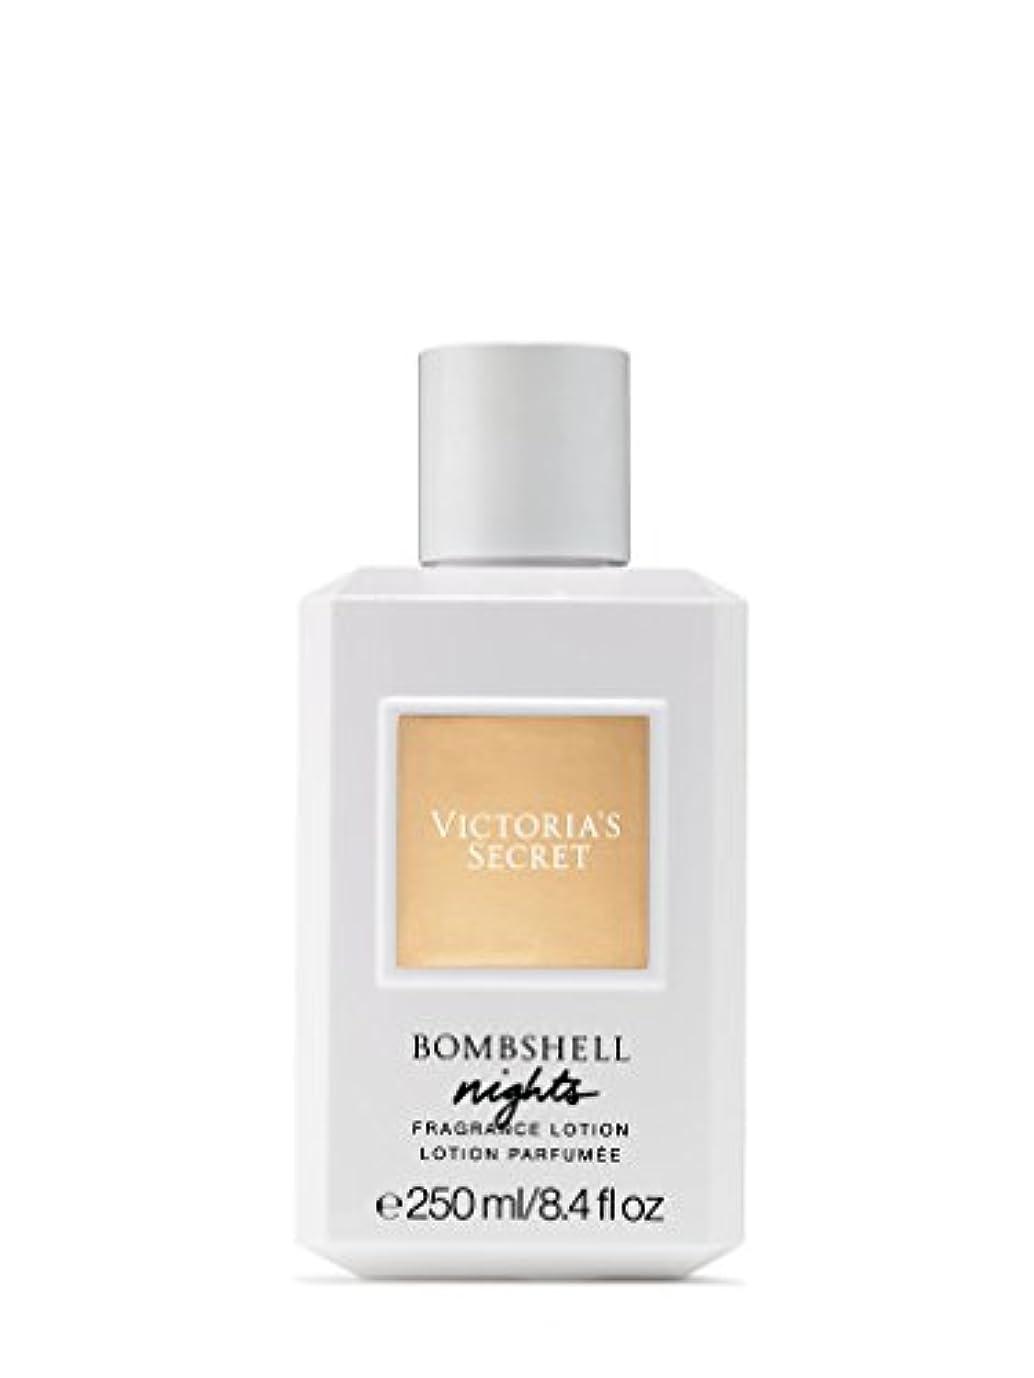 スピン薄い乱すBombshell Nights (ボムシェル ナイツ) 8.4 oz (252ml) Fragrance Body Lotion ボディーローション by Victoria's Secret for Women